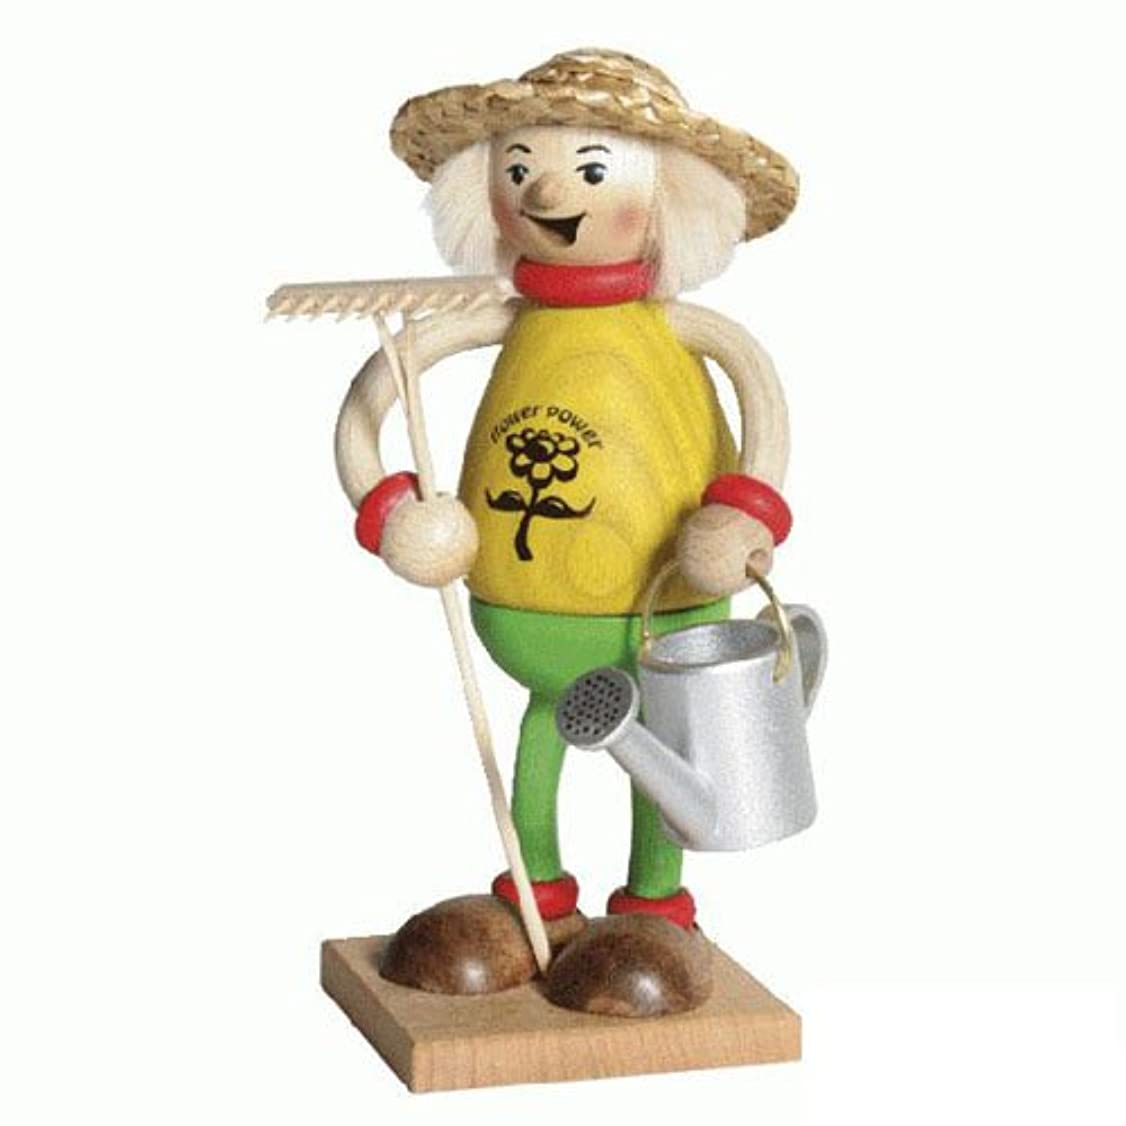 ロッカースチール立場39092 Kuhnert(クーネルト) ミニパイプ人形香炉 ガーデニング